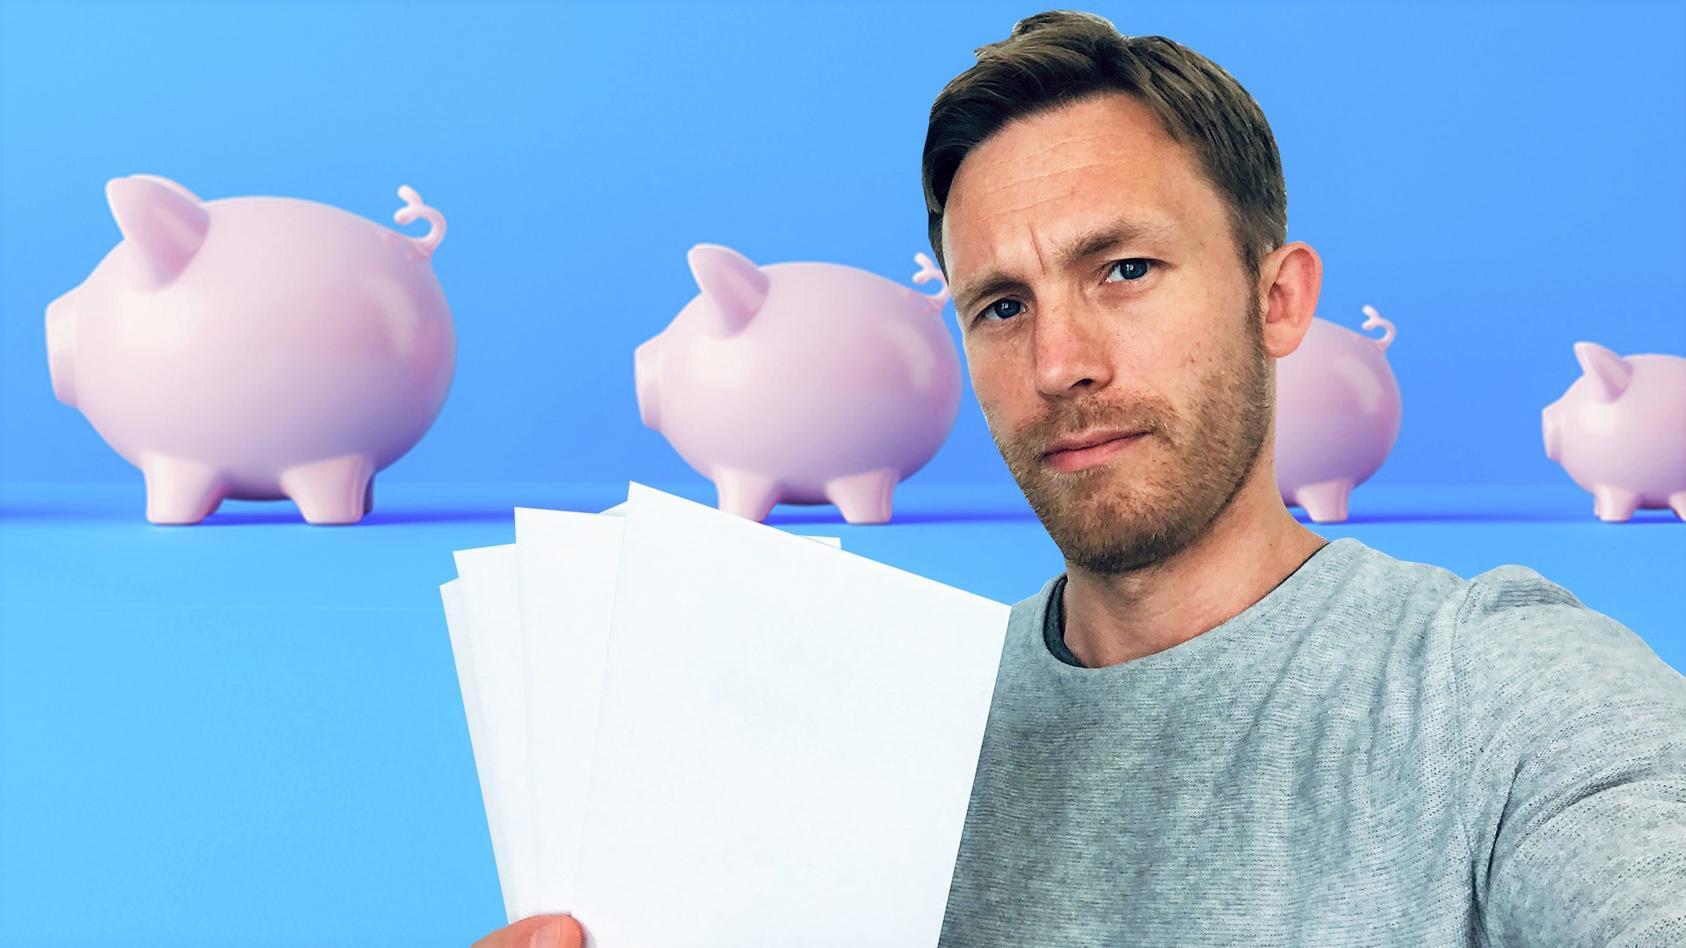 Mit der Umschlag-Methode lassen sich die Finanzen ziemlich simpel in den Griff bekommen.